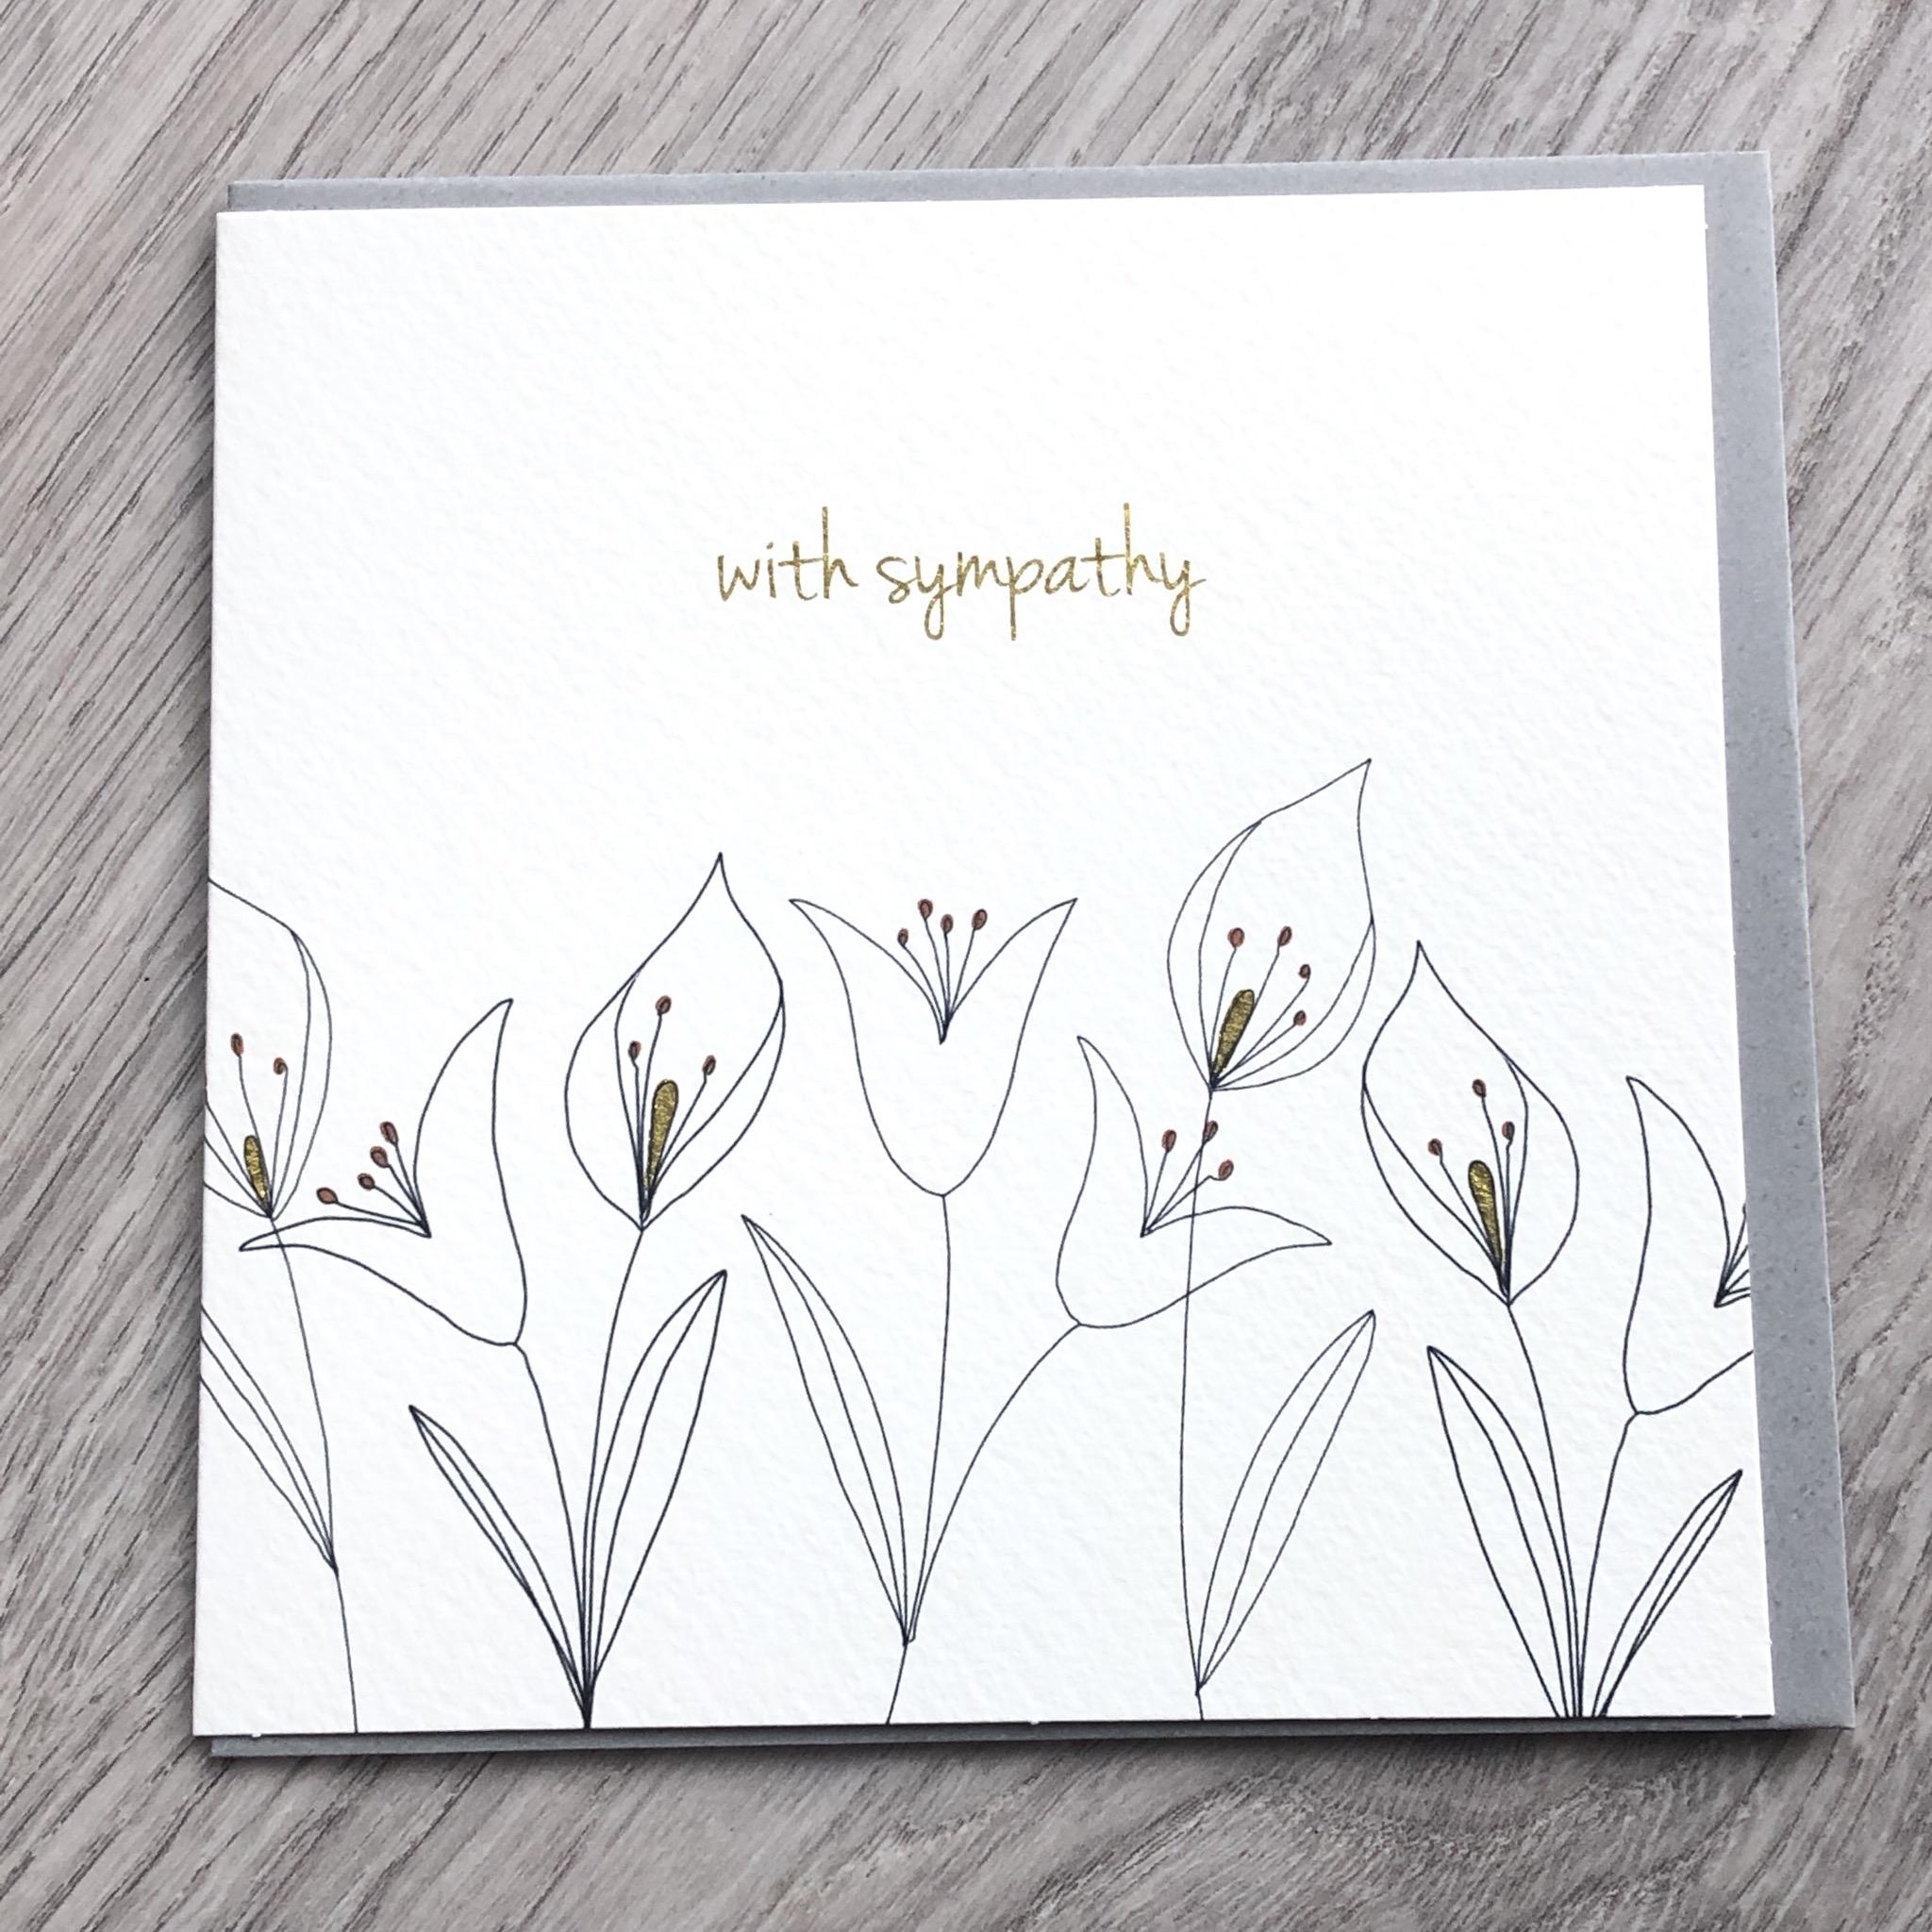 Sympathy flower card. With sympathy card.